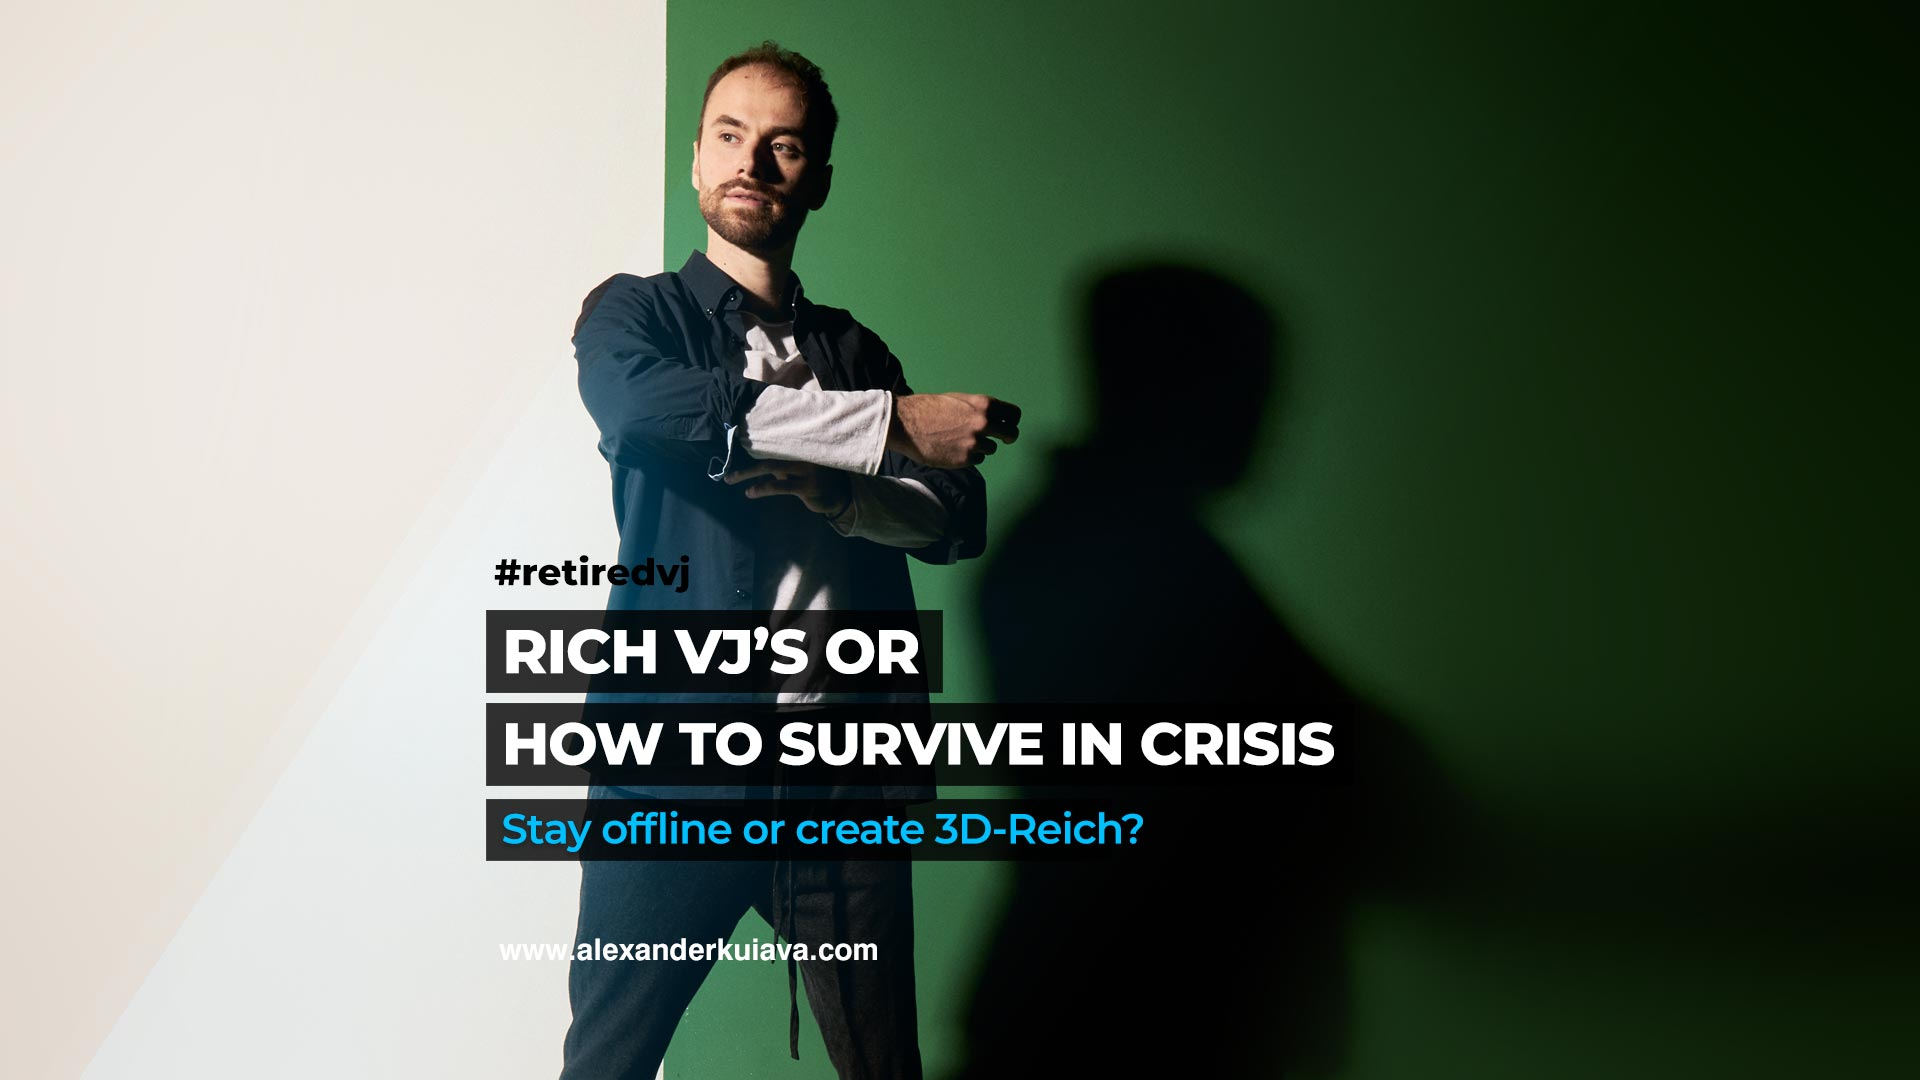 rich vjs - vjing blog